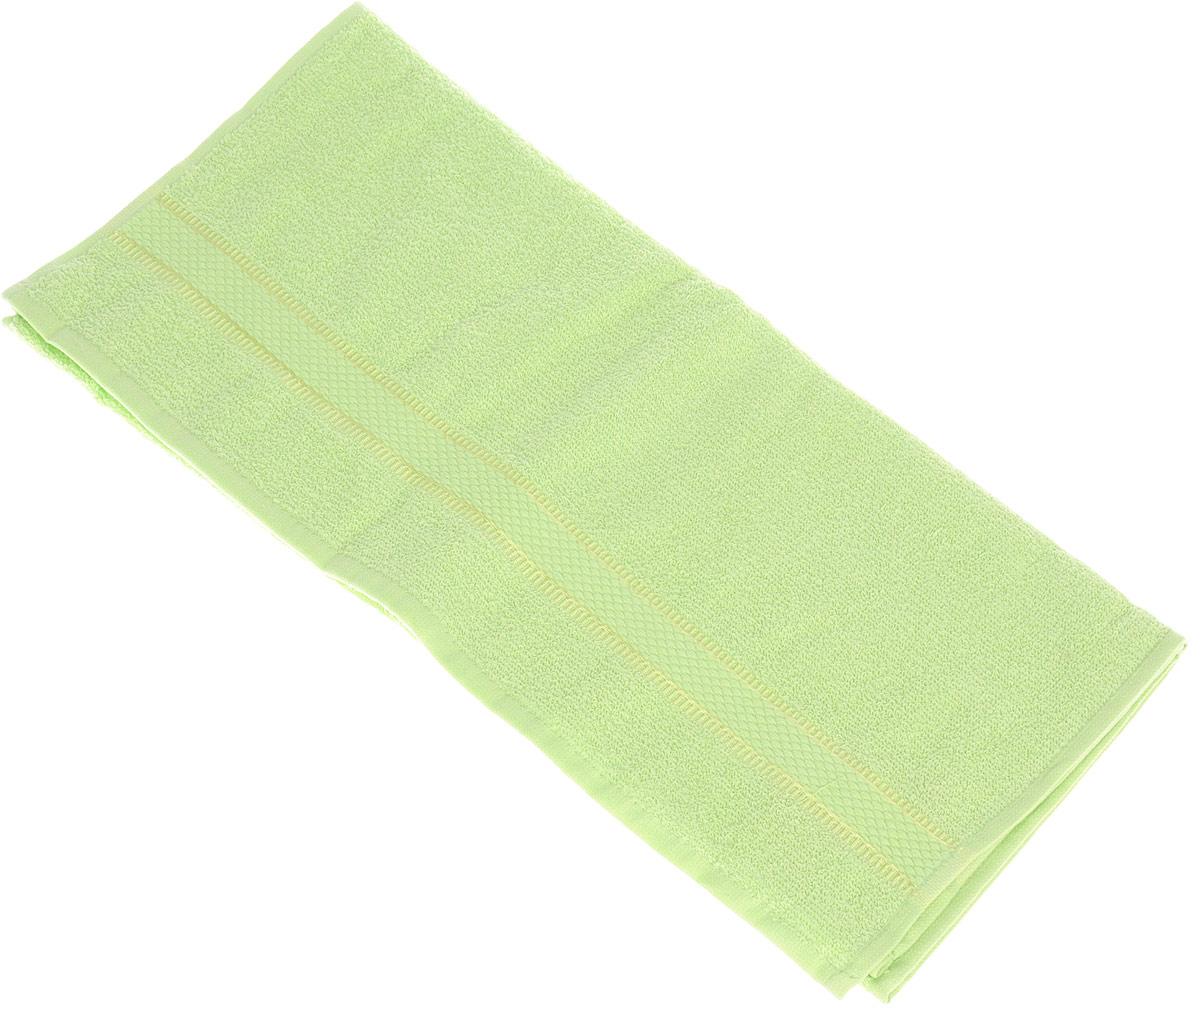 Полотенце Brielle Basic, цвет: зеленый, 50 х 85 см1209Полотенце Brielle Basic выполнено из 100% хлопка. Изделие очень мягкое, оно отлично впитывает влагу, быстро сохнет, сохраняет яркость цвета ине теряет формы даже после многократных стирок. Лаконичные бордюры подойдут для любого интерьера ванной комнаты. Полотенце прекрасно впитывает влагу и быстро сохнет. При соблюдении рекомендаций по уходу не линяет и не теряет форму даже после многократных стирок.Полотенце Brielle Basic очень практично и неприхотливо в уходе.Такое полотенце послужит приятным подарком.